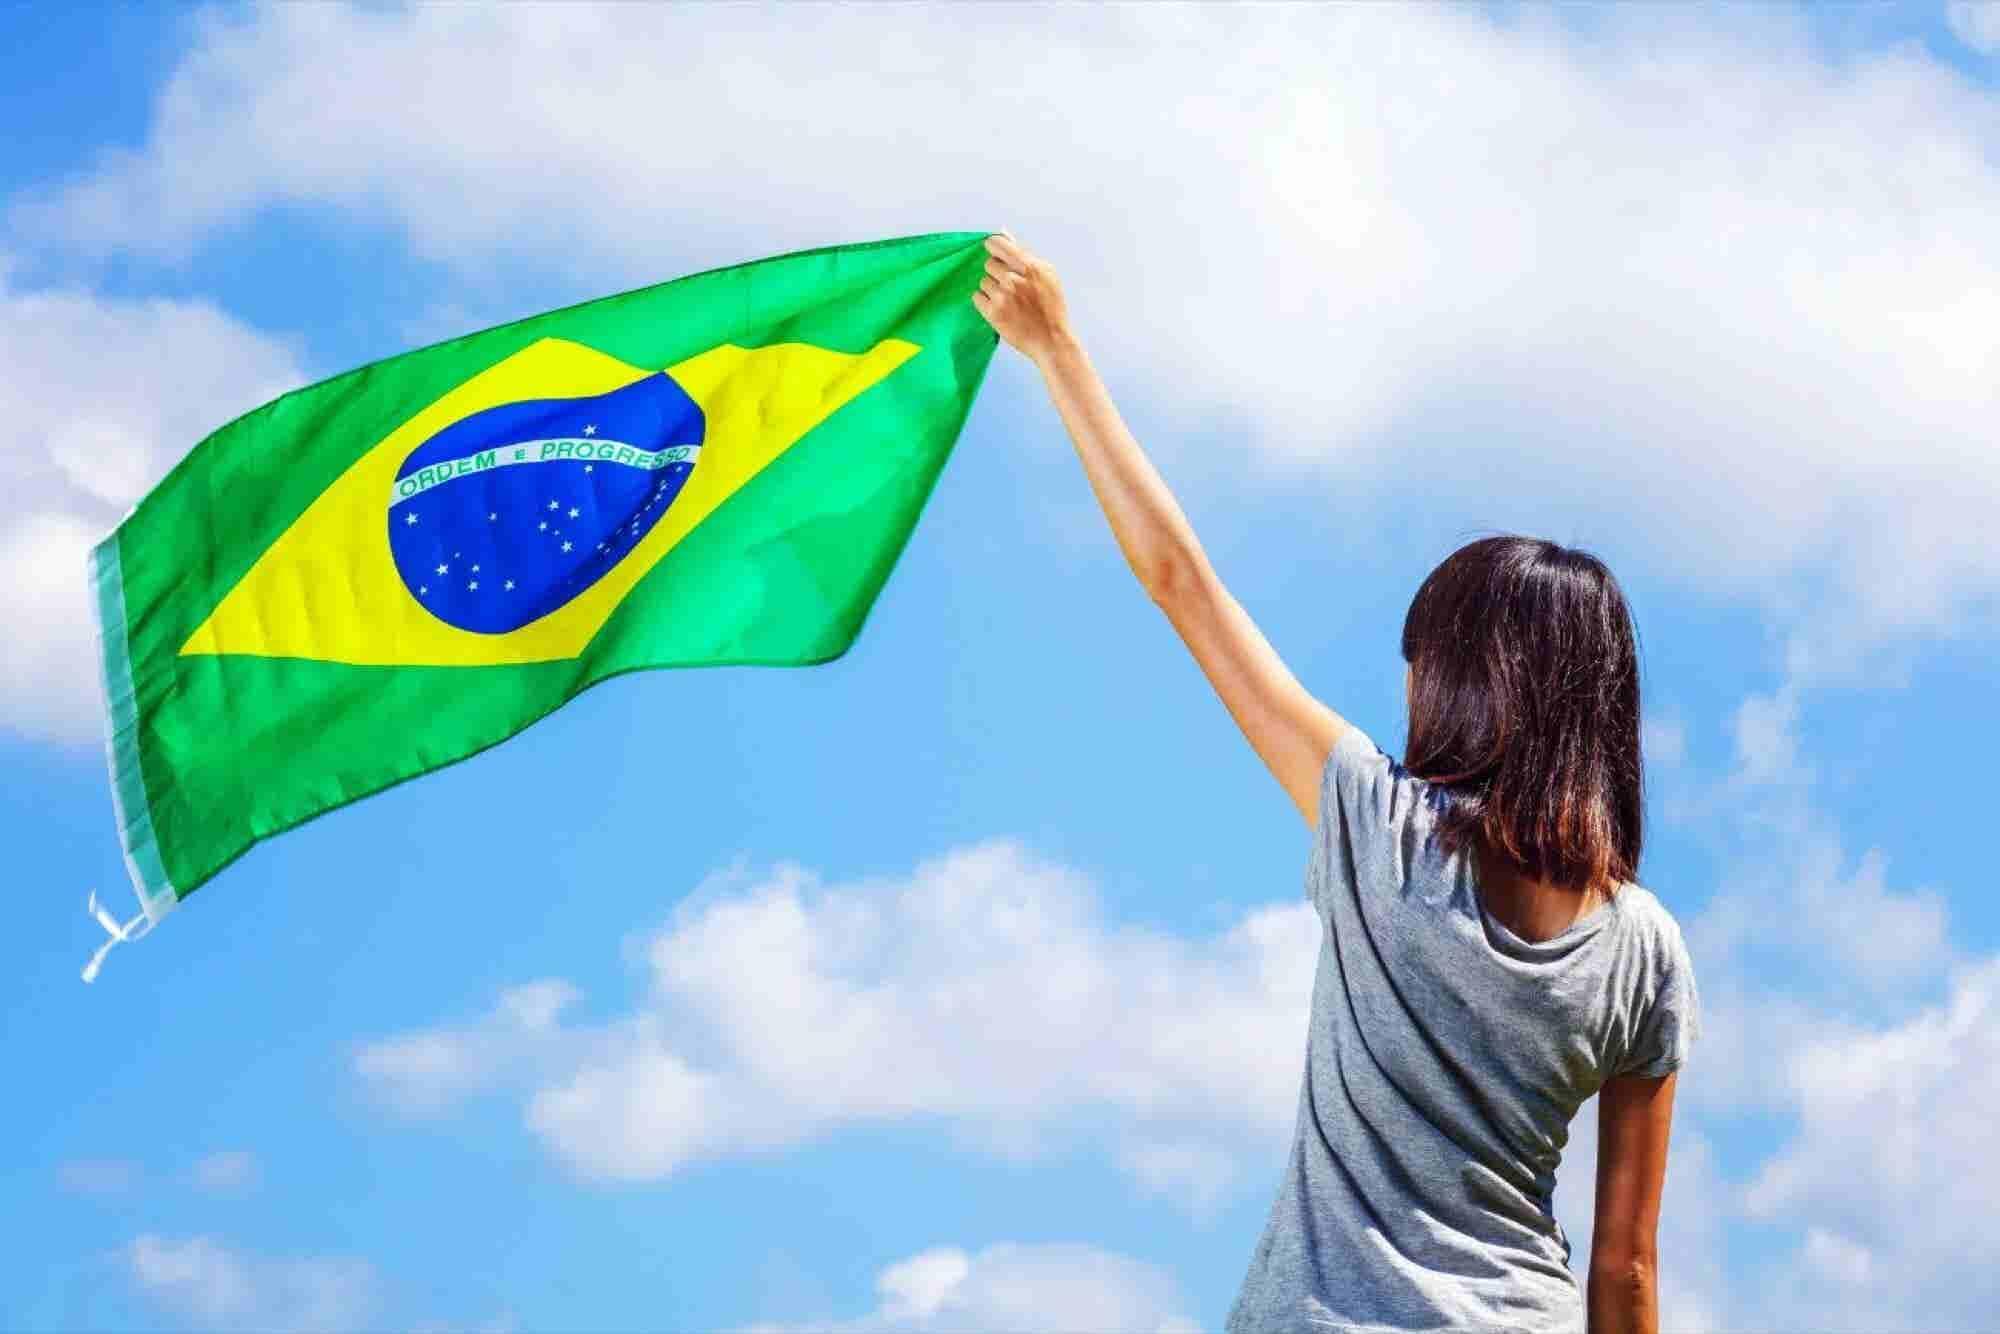 Juegos Olímpicos: la prueba de fuego de Brasil para mantener su marca país